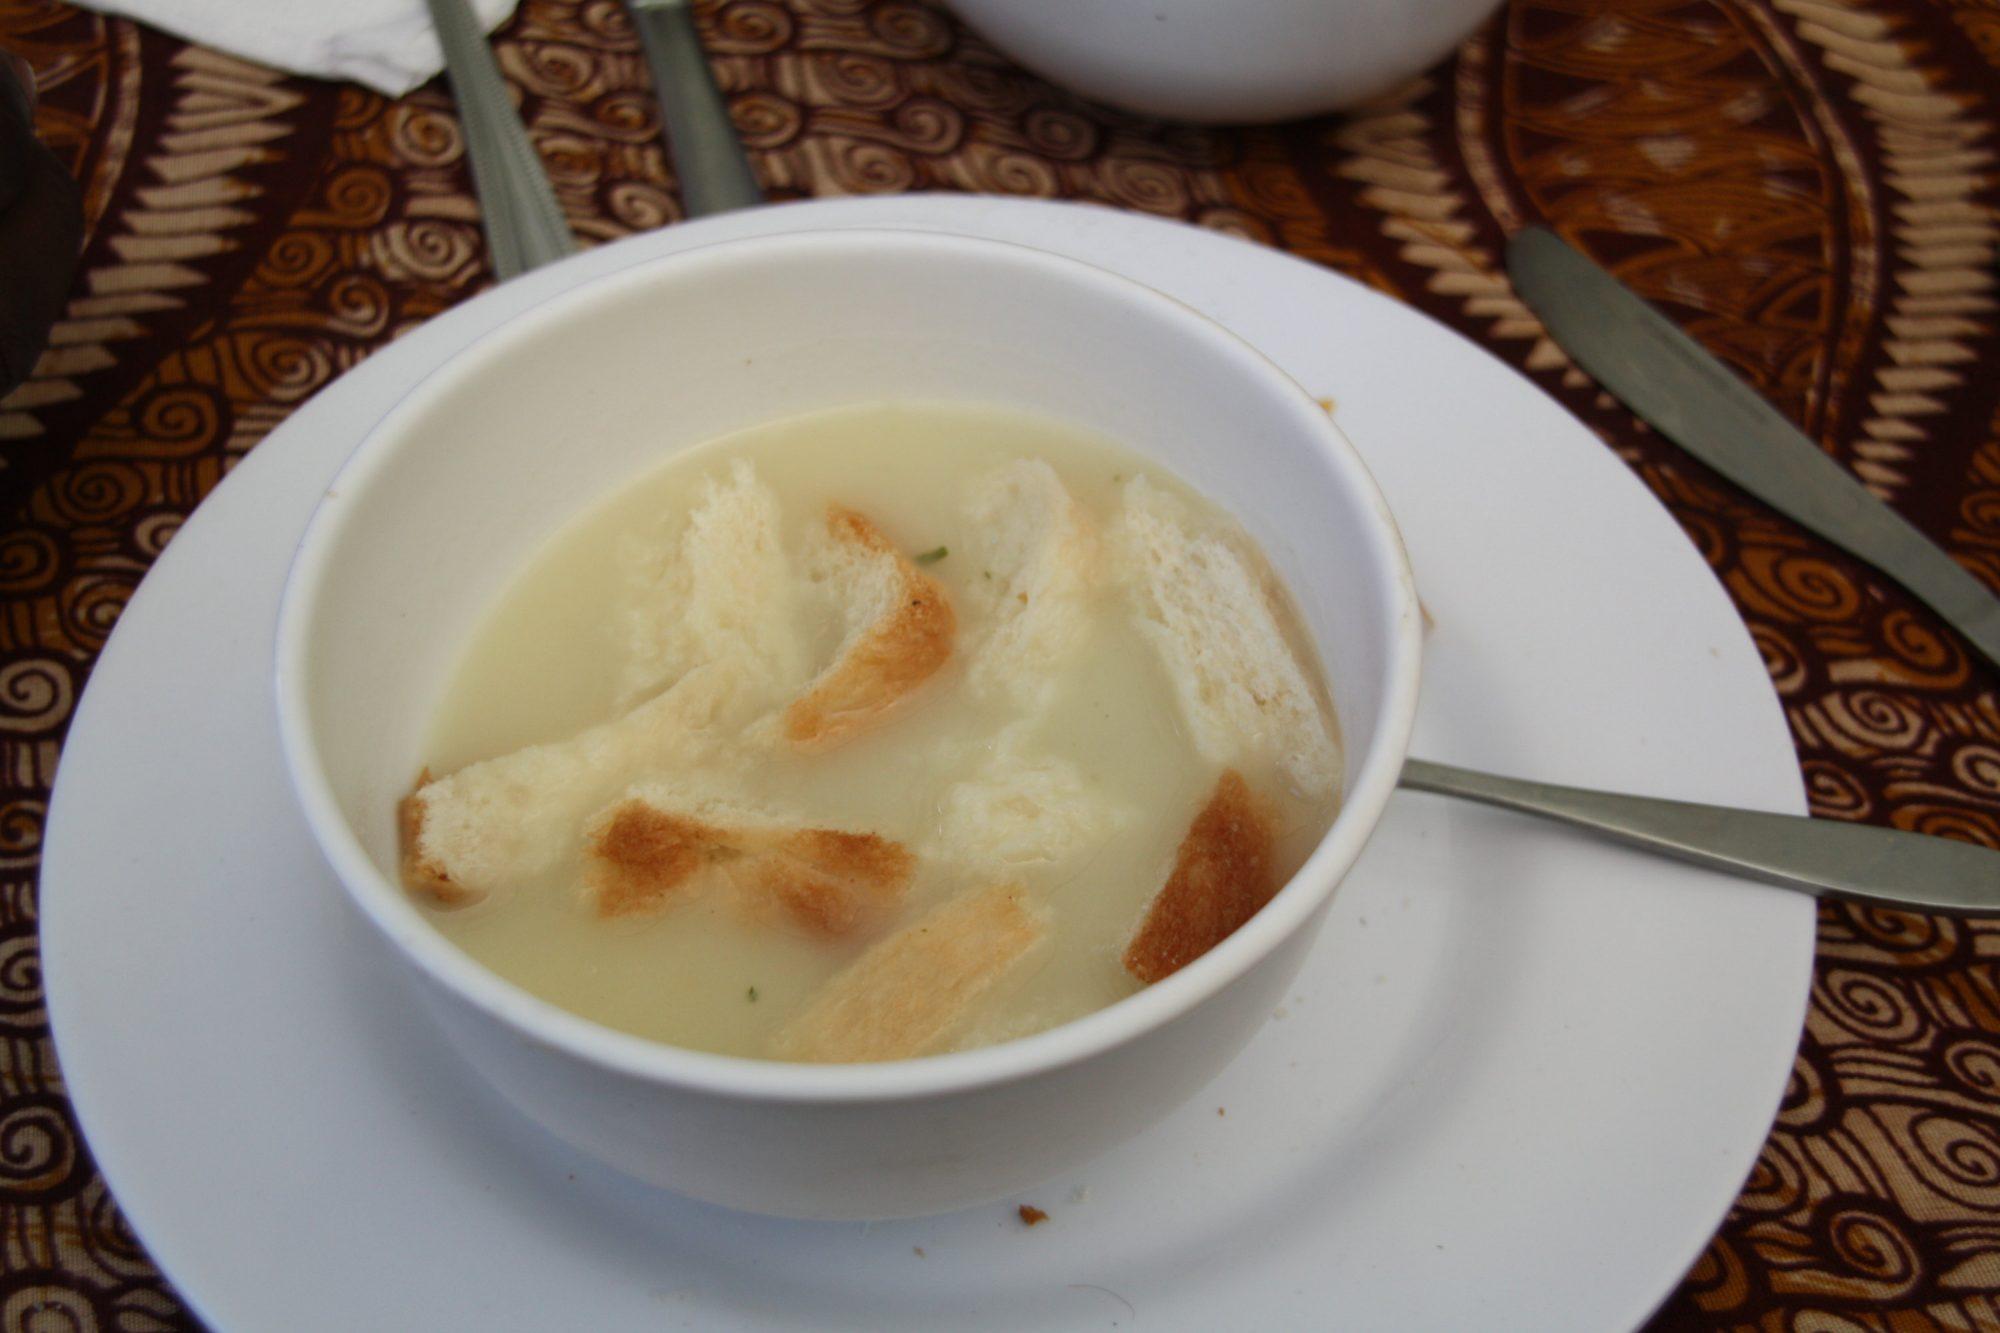 Mittagessen, Suppe, Kilimandscharo, Kilimandscharo besteigen, Tansania, Afrika, Kilimandscharo Tour, Erfahrungsbericht, Machame Route